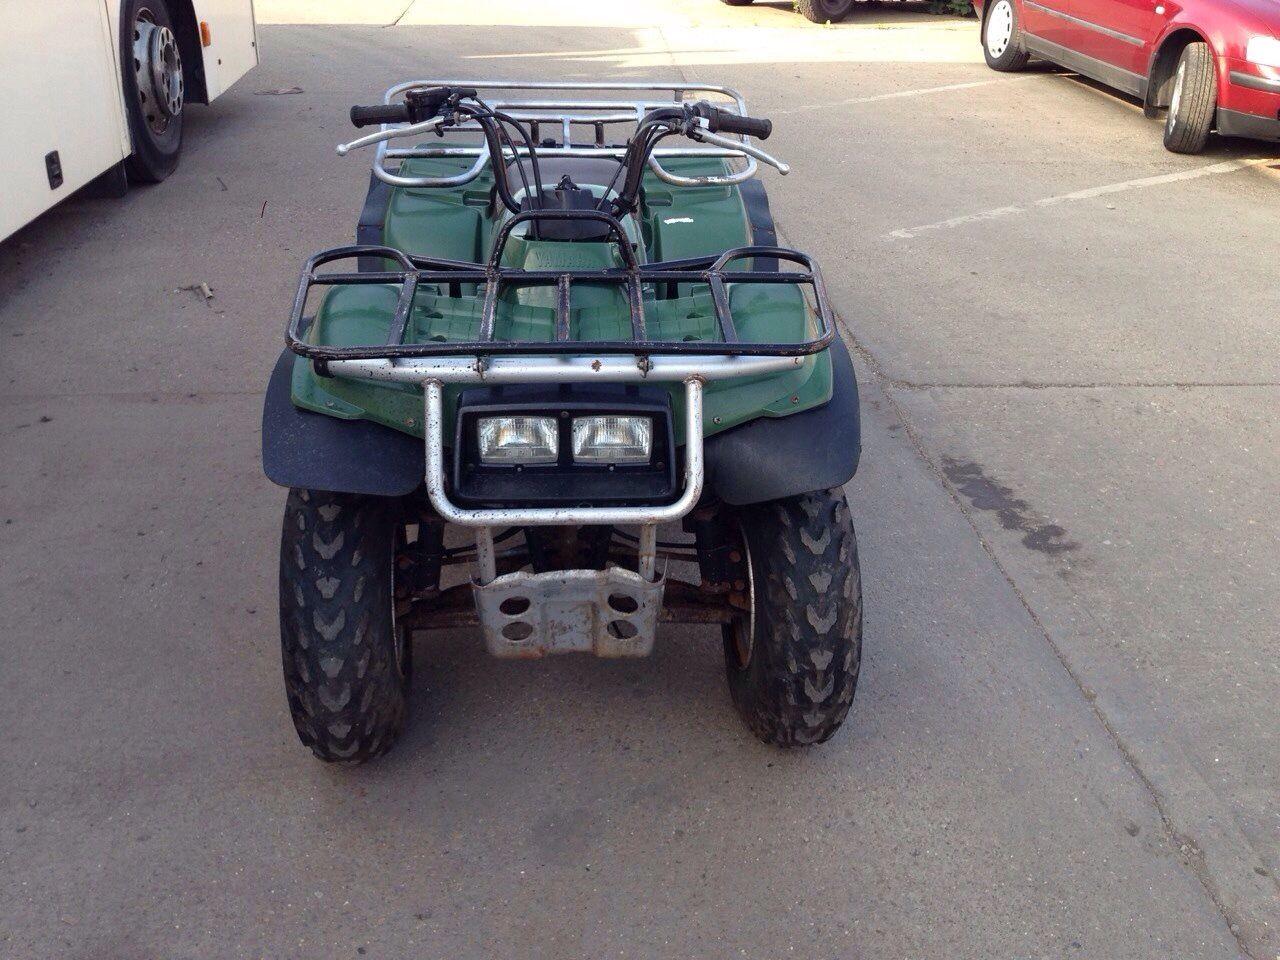 Yamaha Timberwolf Quad 250cc Spares Or Repair